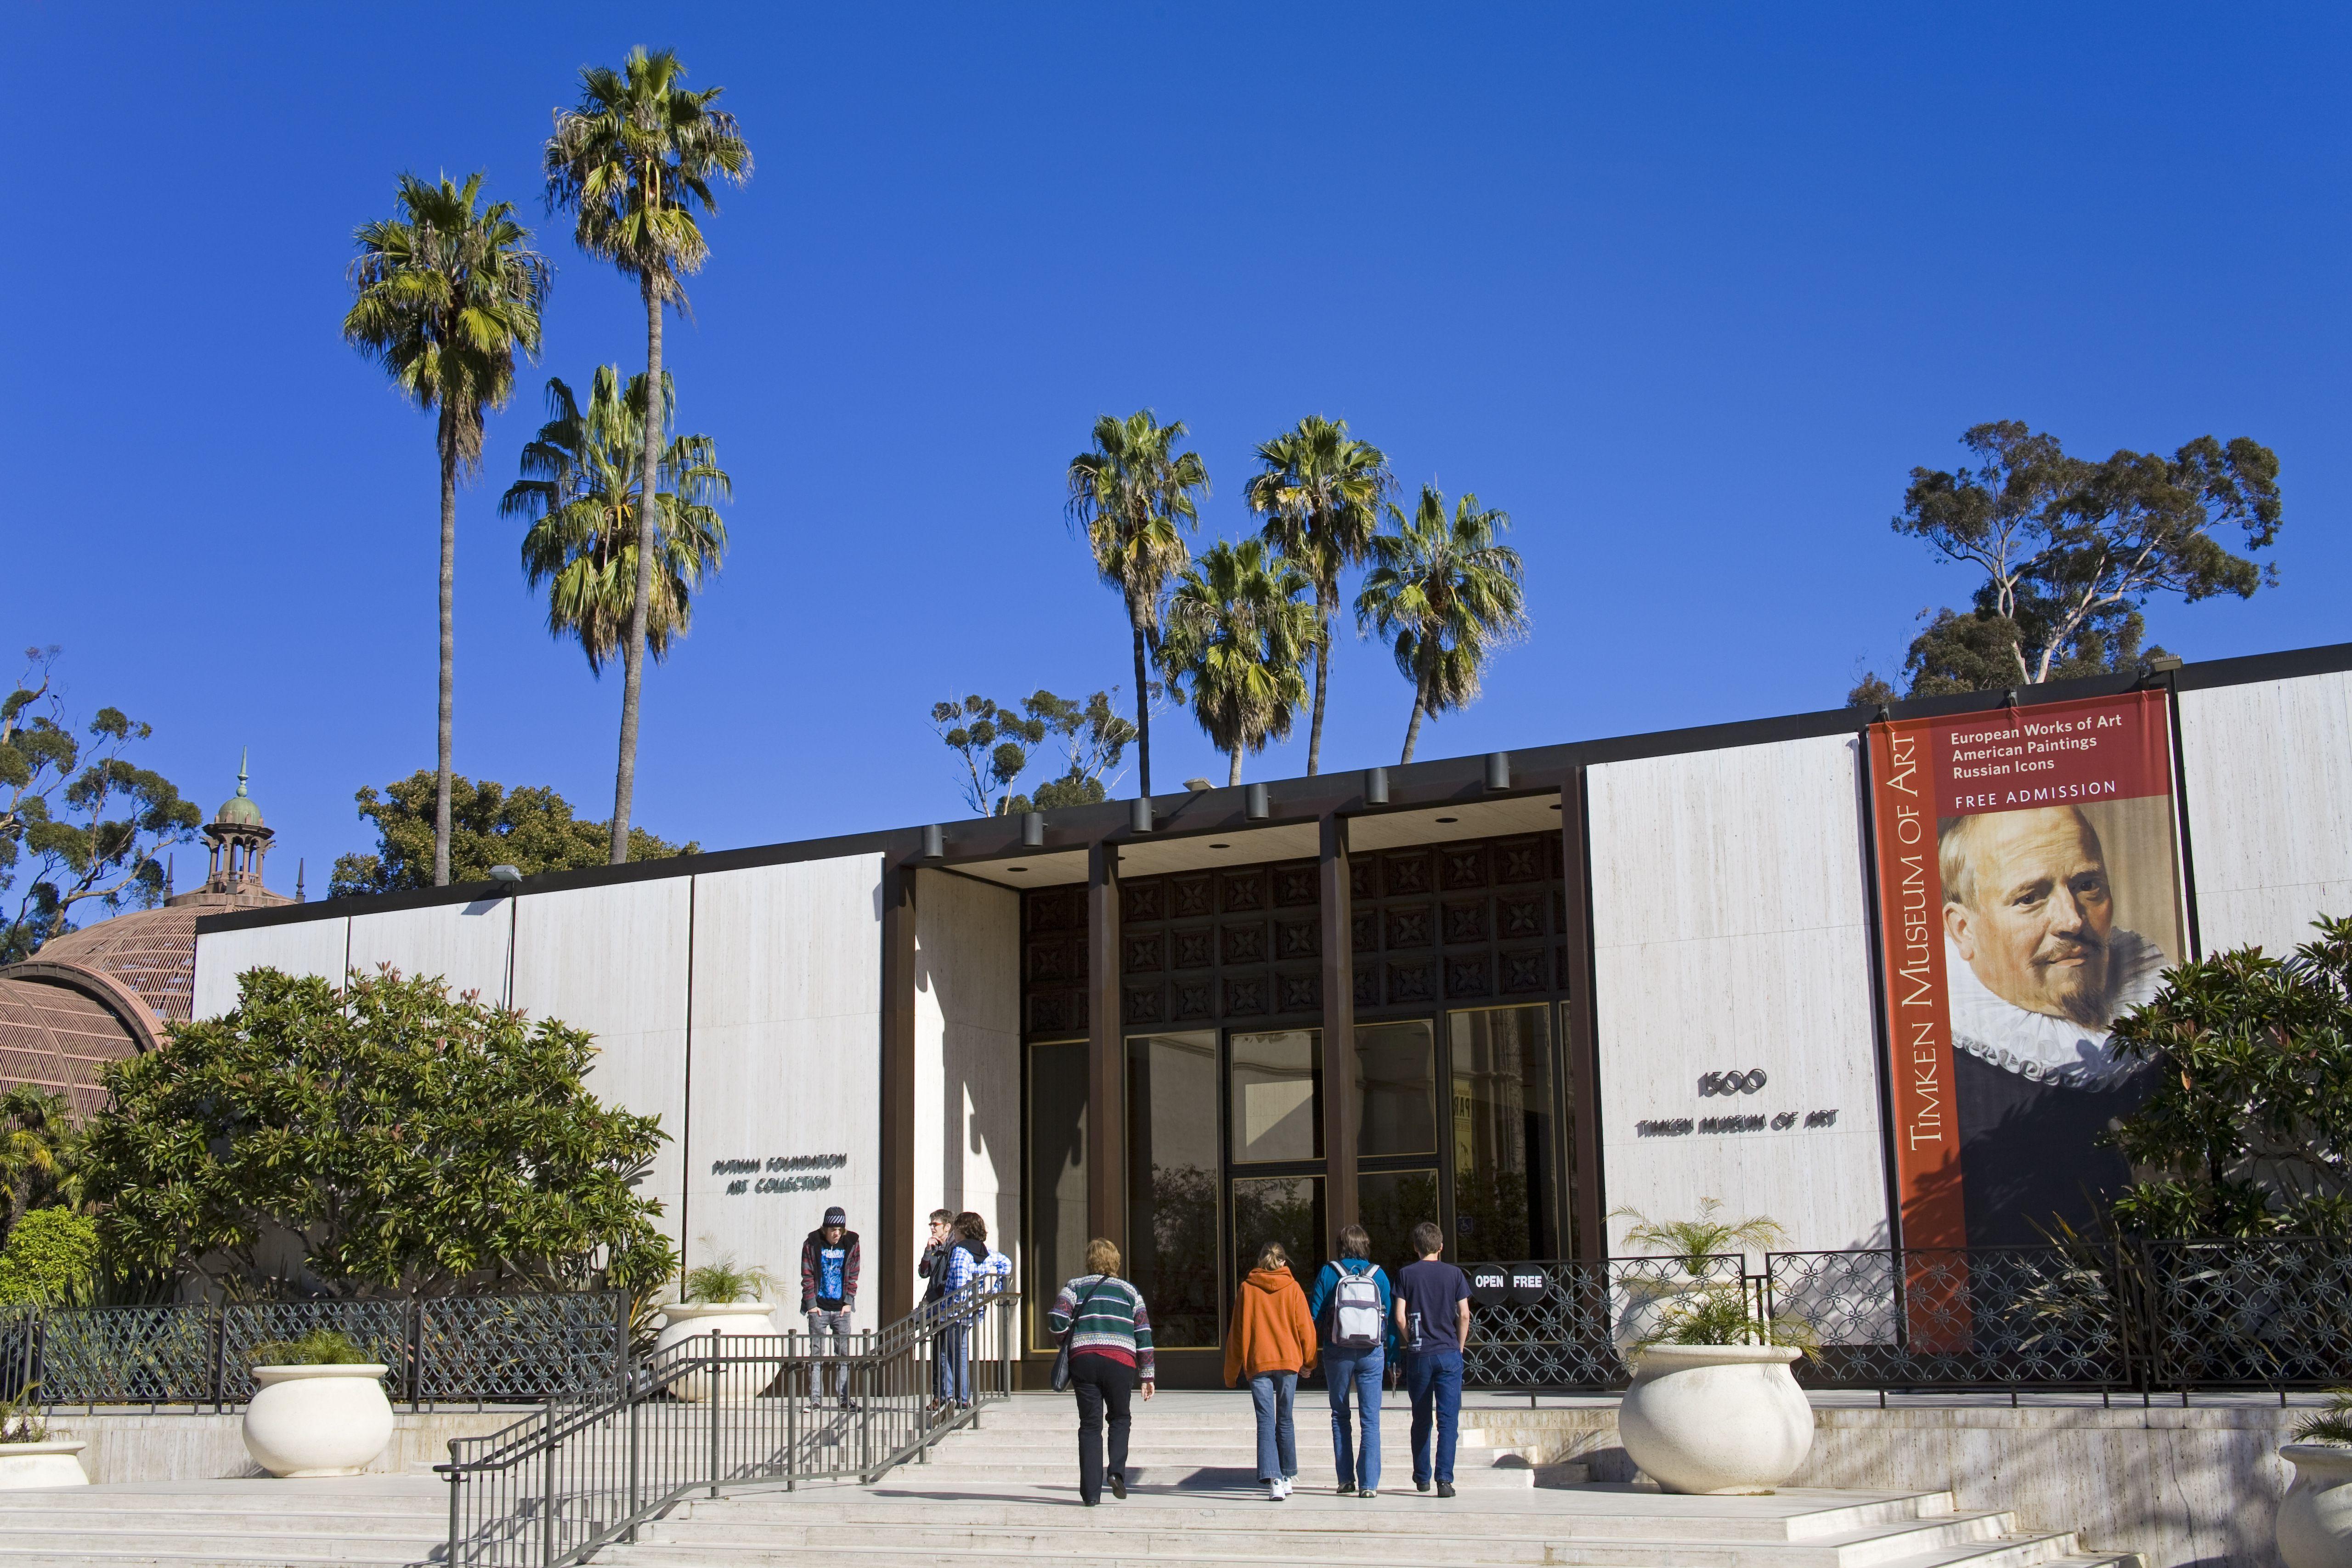 Timken Museum of Art in Balboa Park.